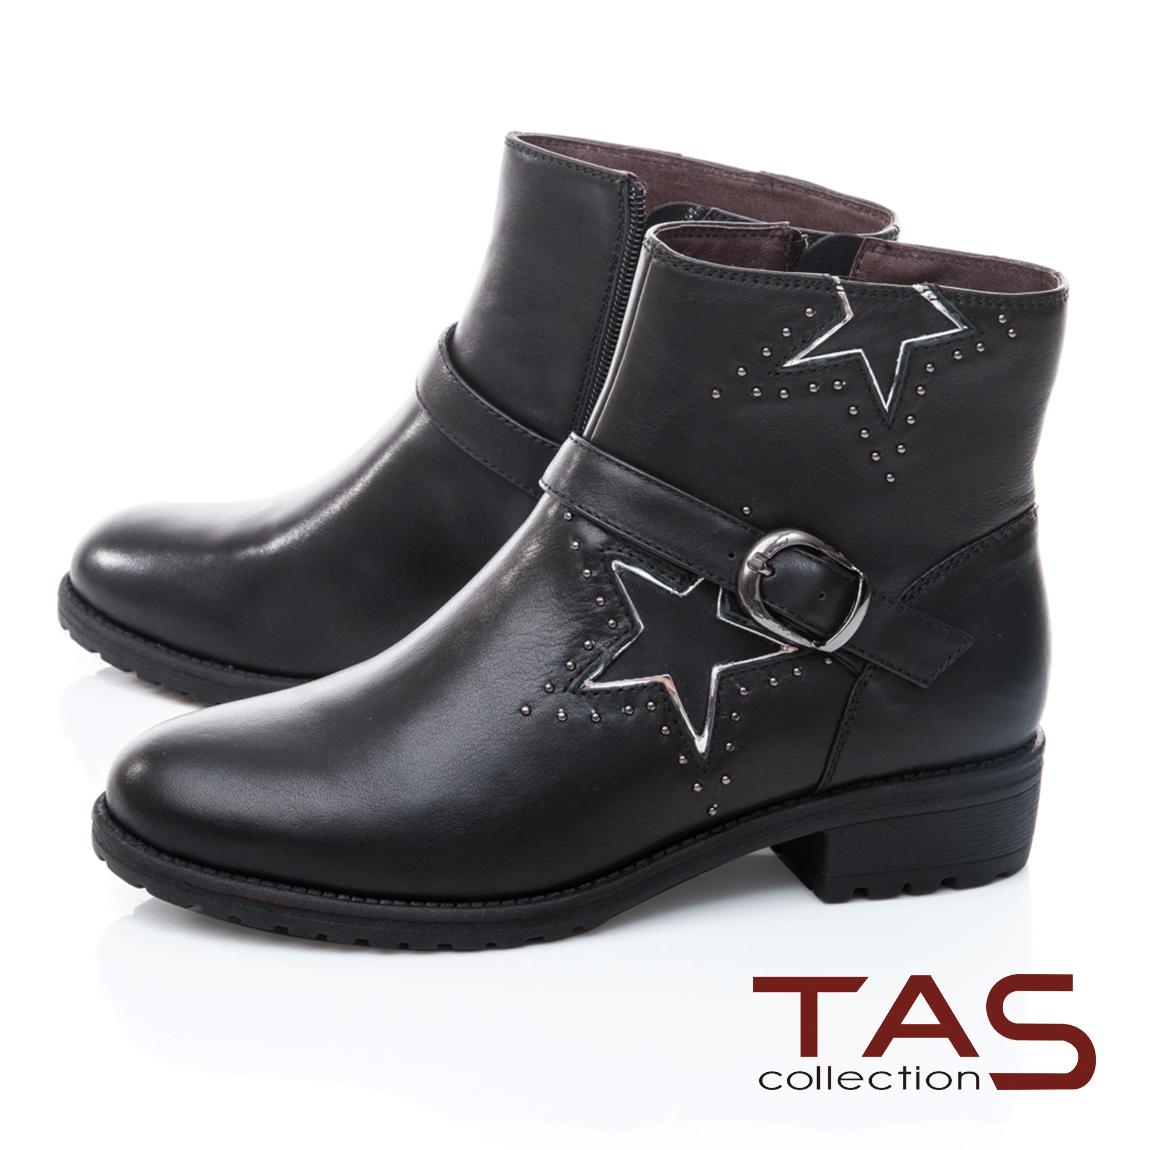 TAS造型金屬鉚釘拼接皮帶繞踝低跟短靴-街頭黑